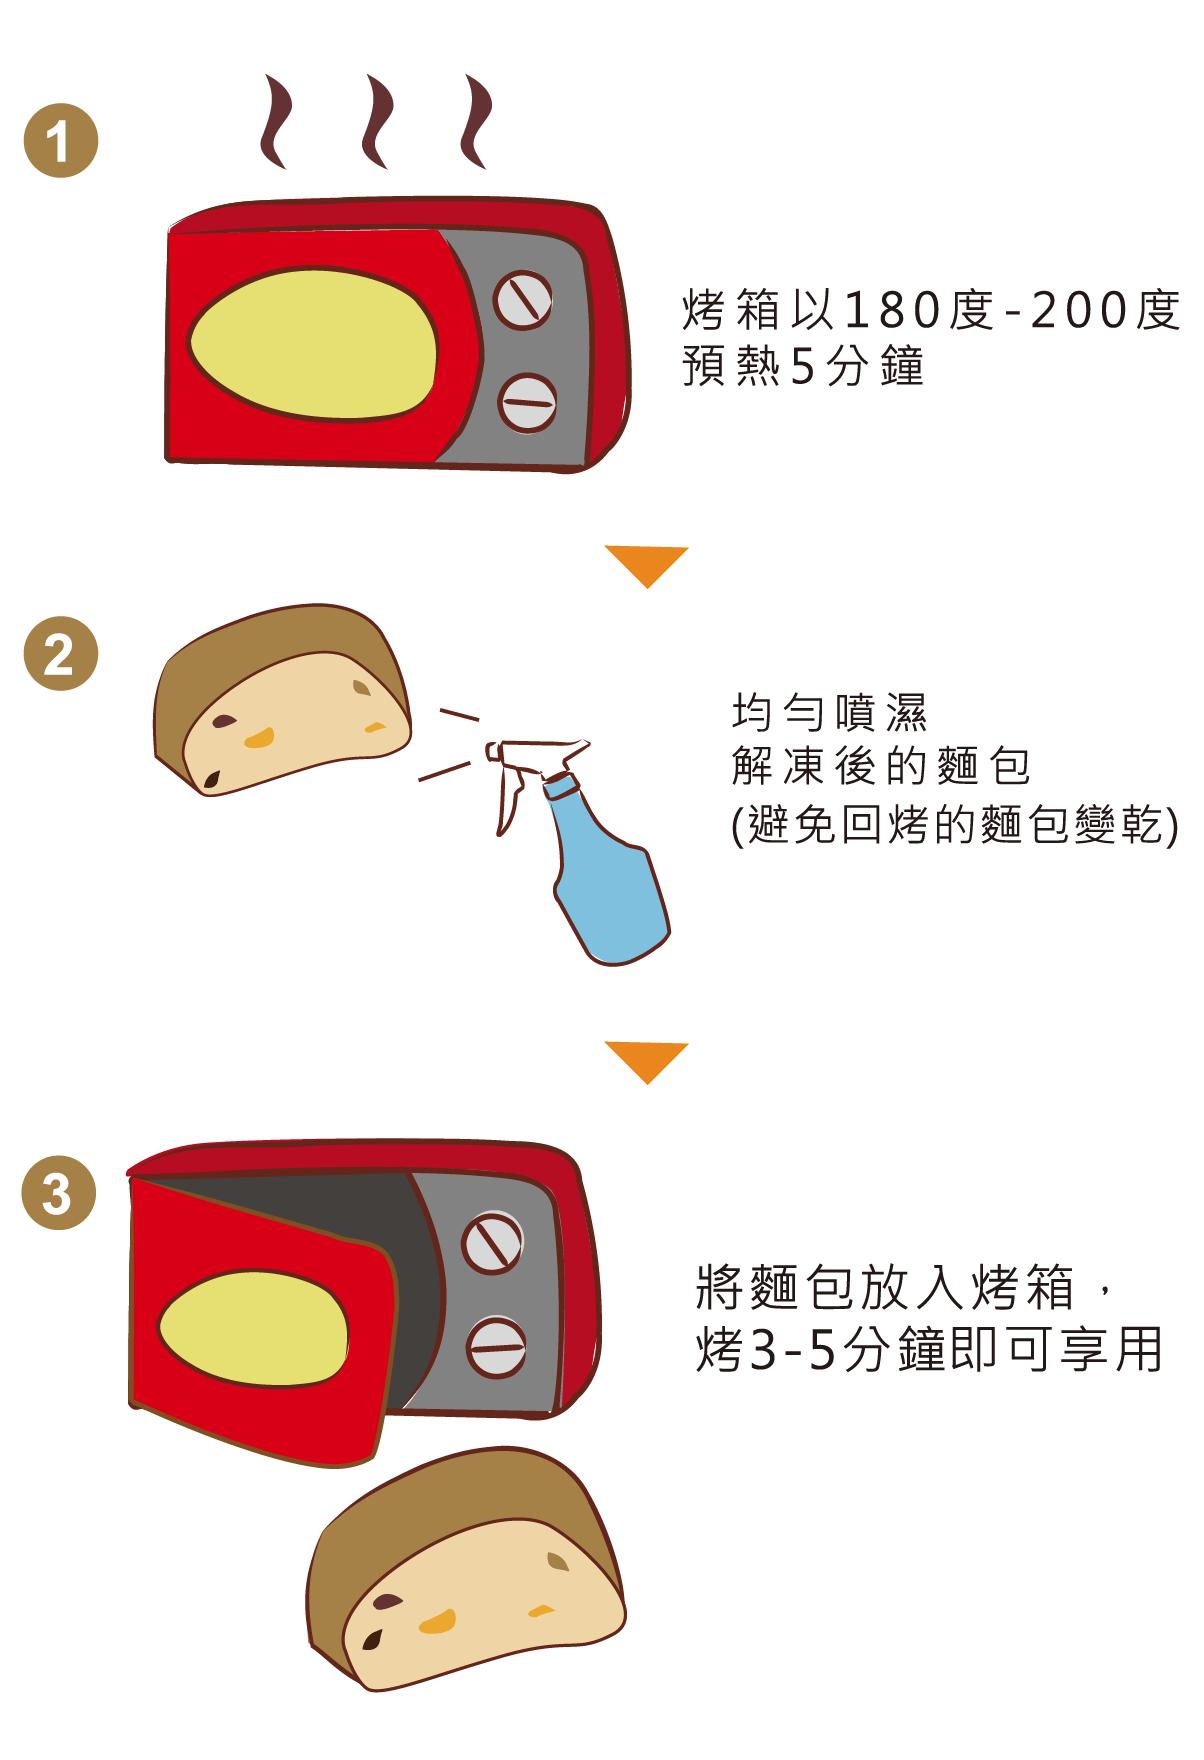 烤箱.png